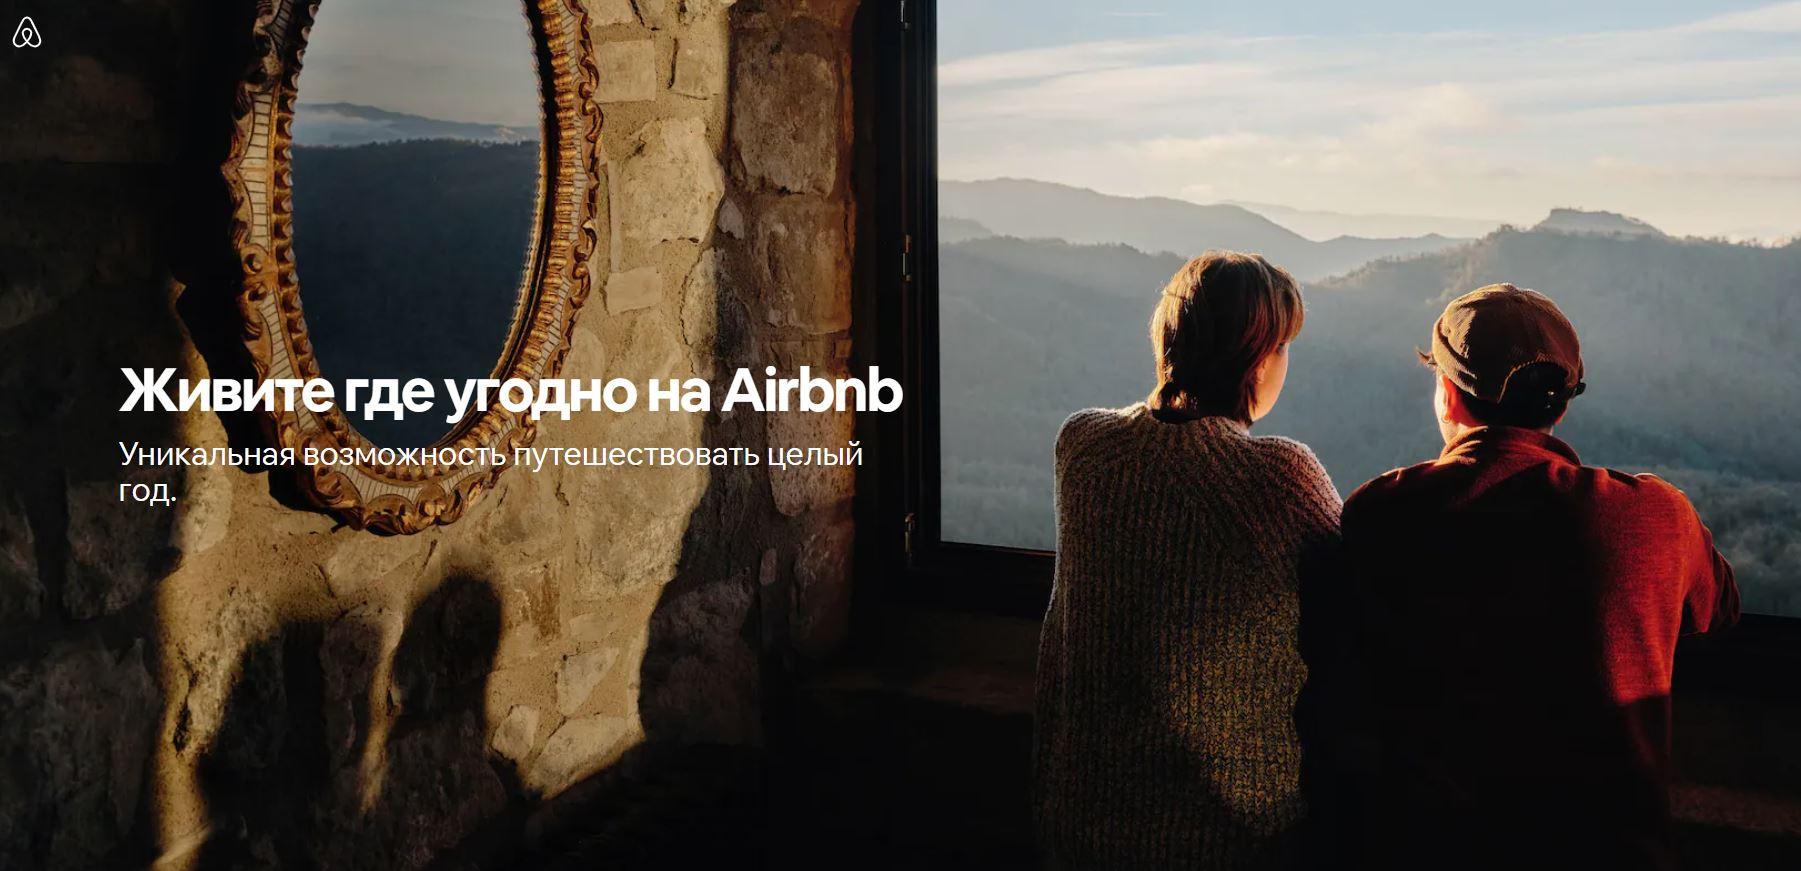 Живите где угодно на Airbnb